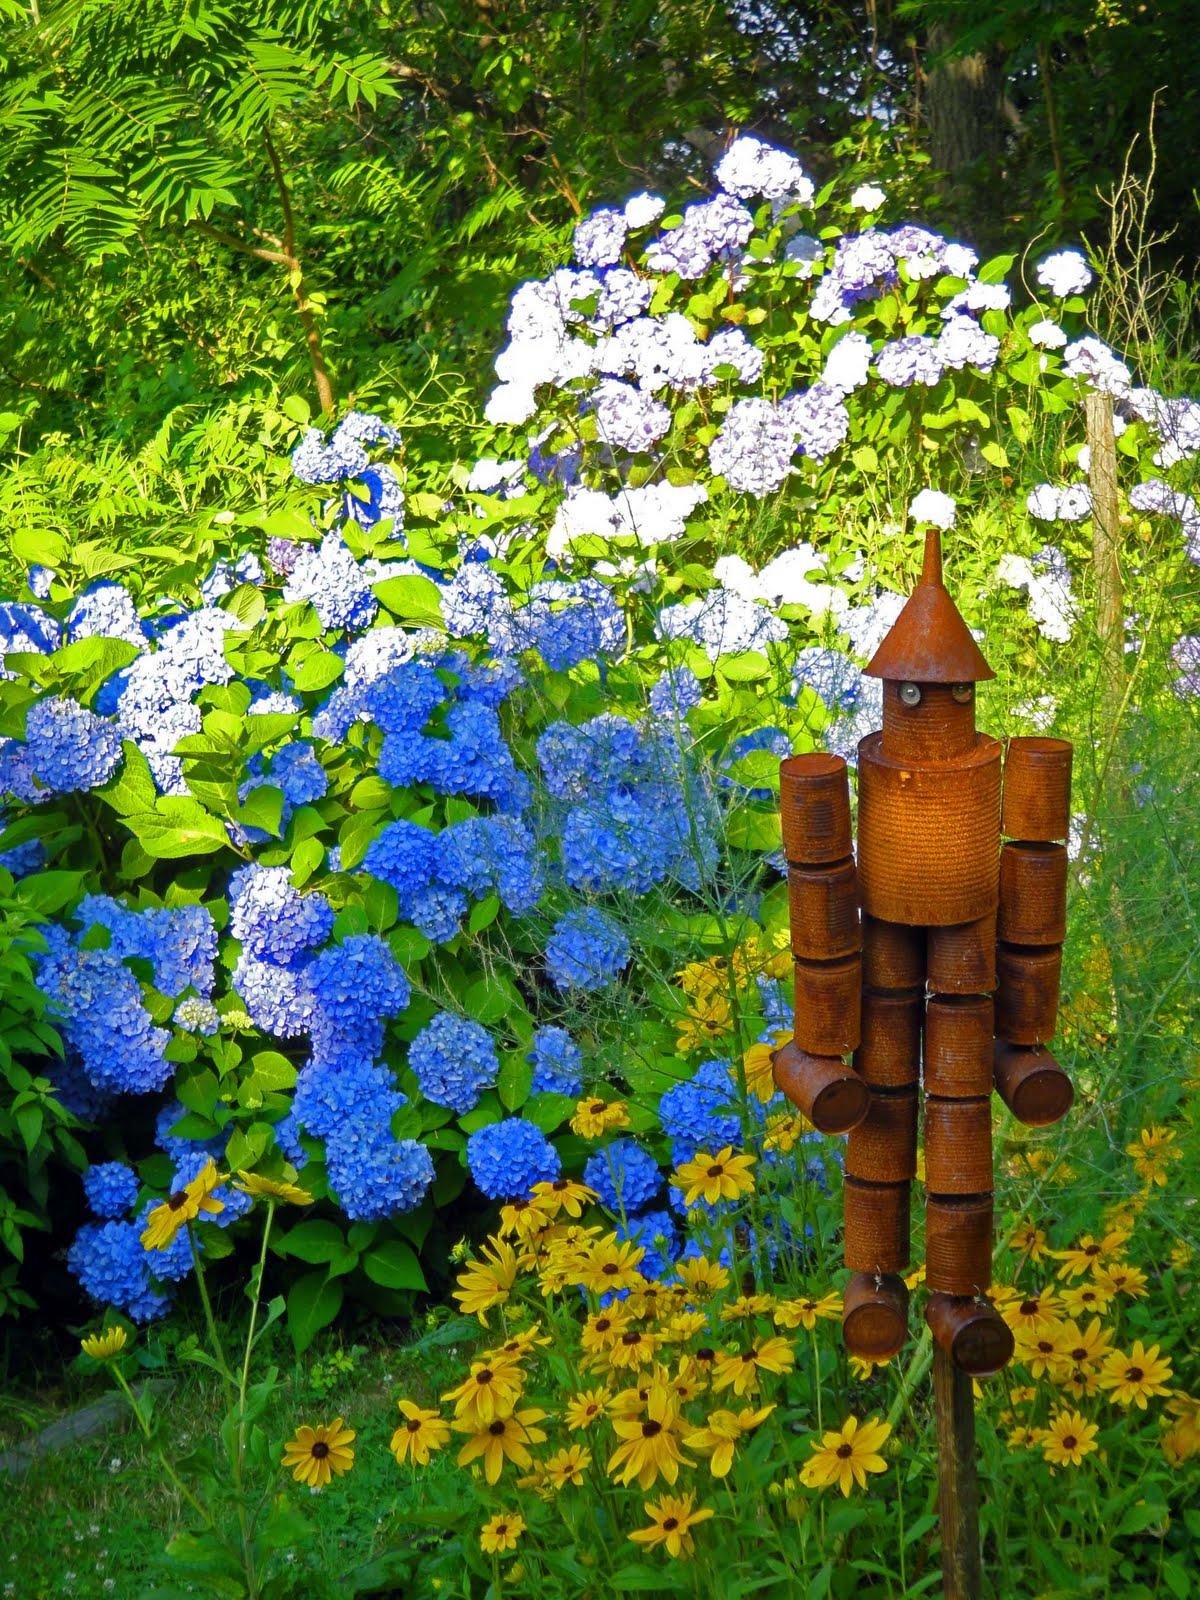 Joe's Retirement Blog: Amy's Garden, Manomet, Plymouth